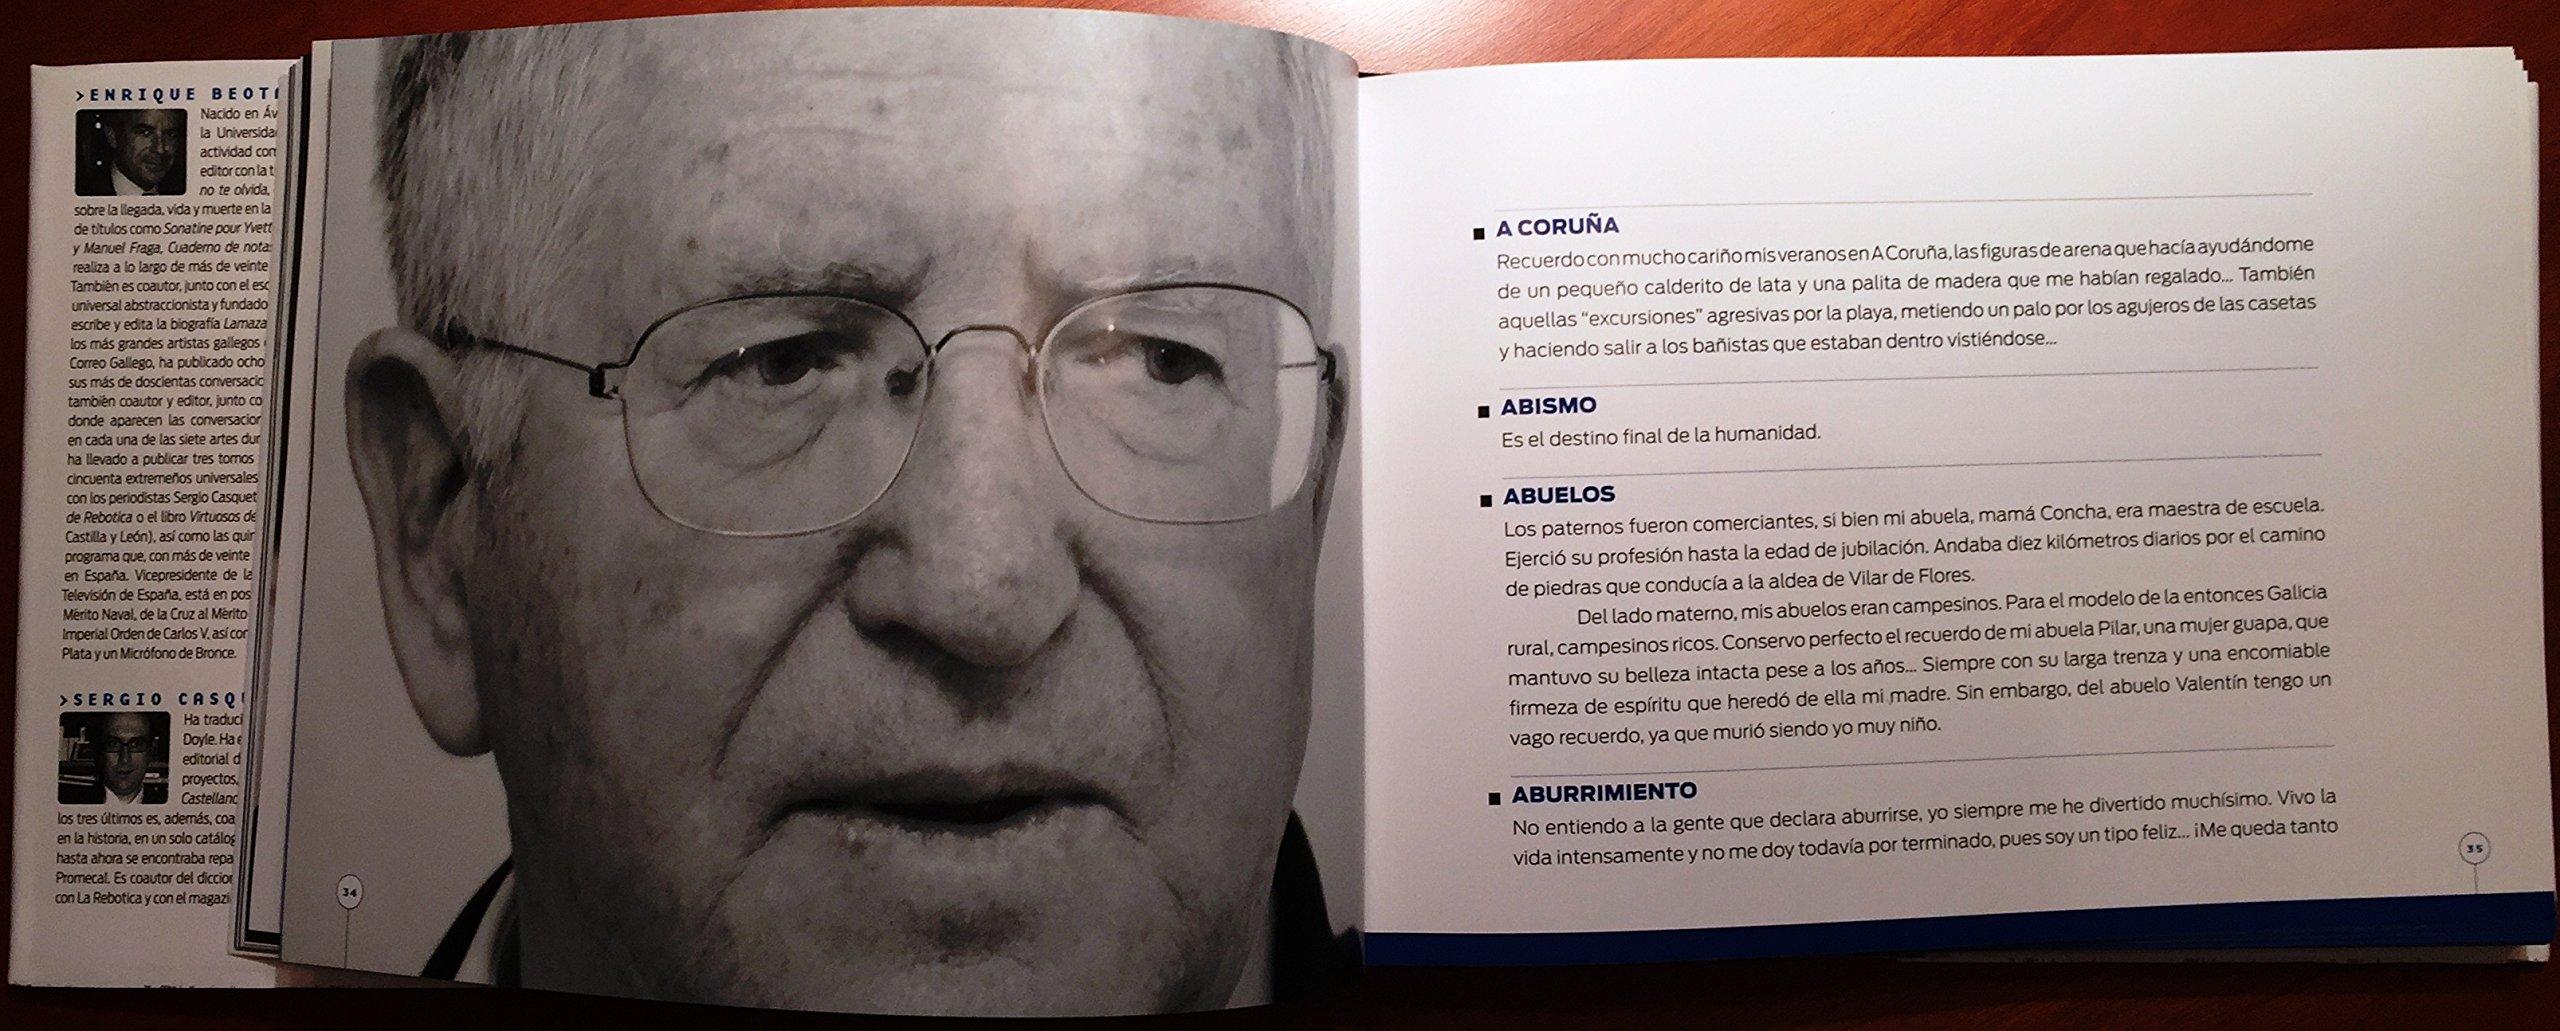 Modesto Seara: la mirada universal: Amazon.es: Enrique Beotas, Sergio Casquet, S.L. Quindici Editores: Libros